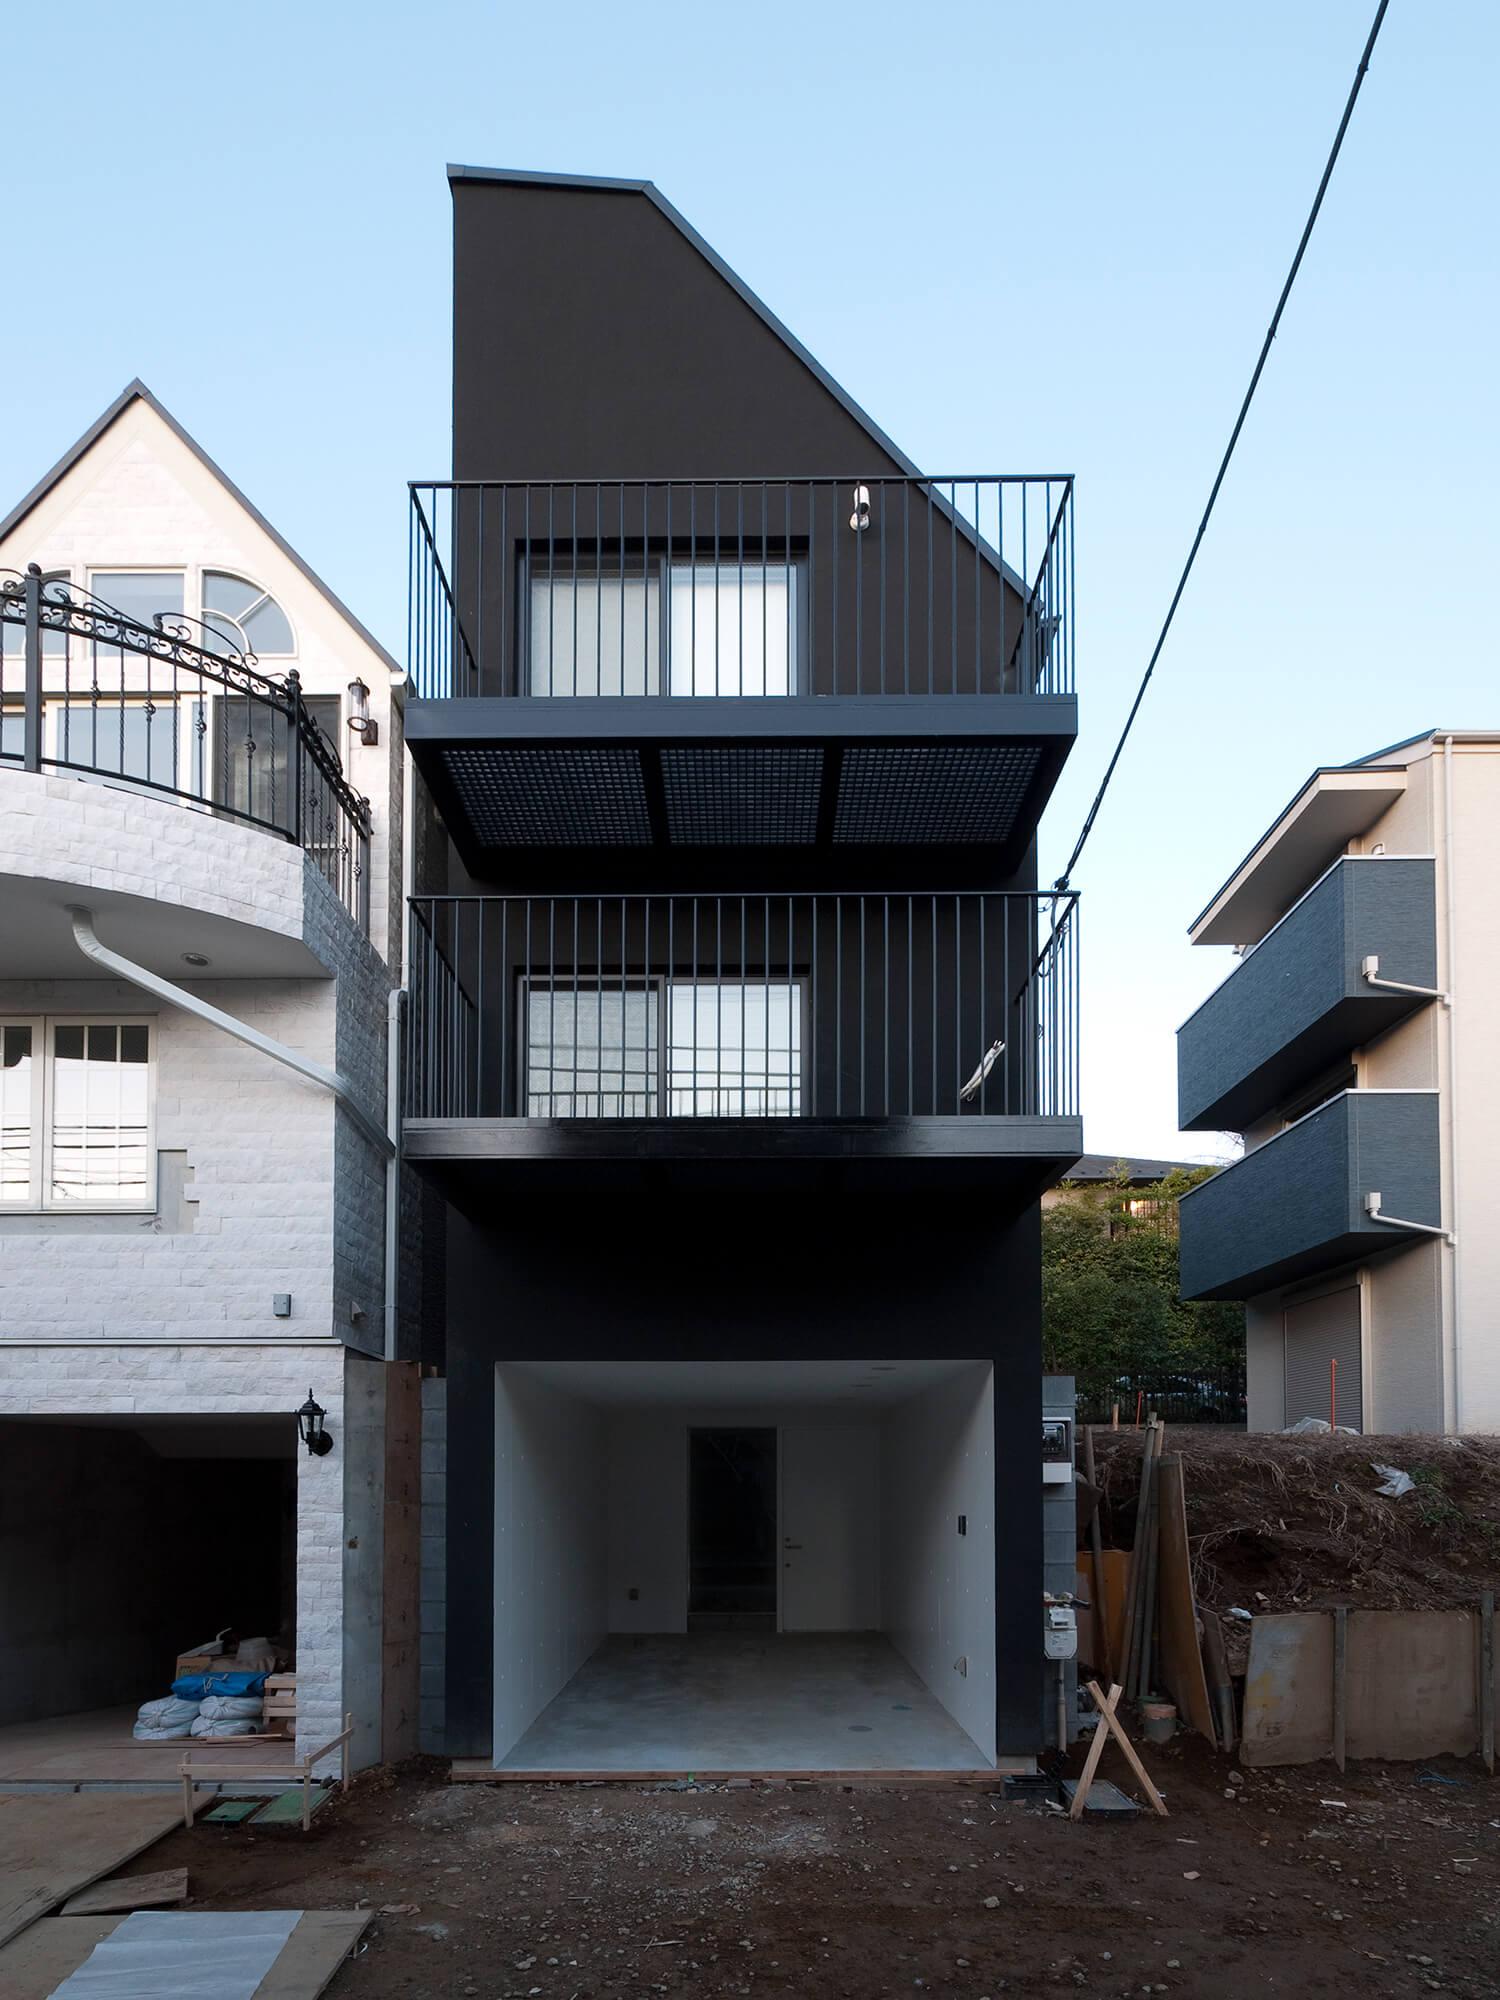 jp ハウス コントラスト 株式会社キー オペレーション 一級建築士